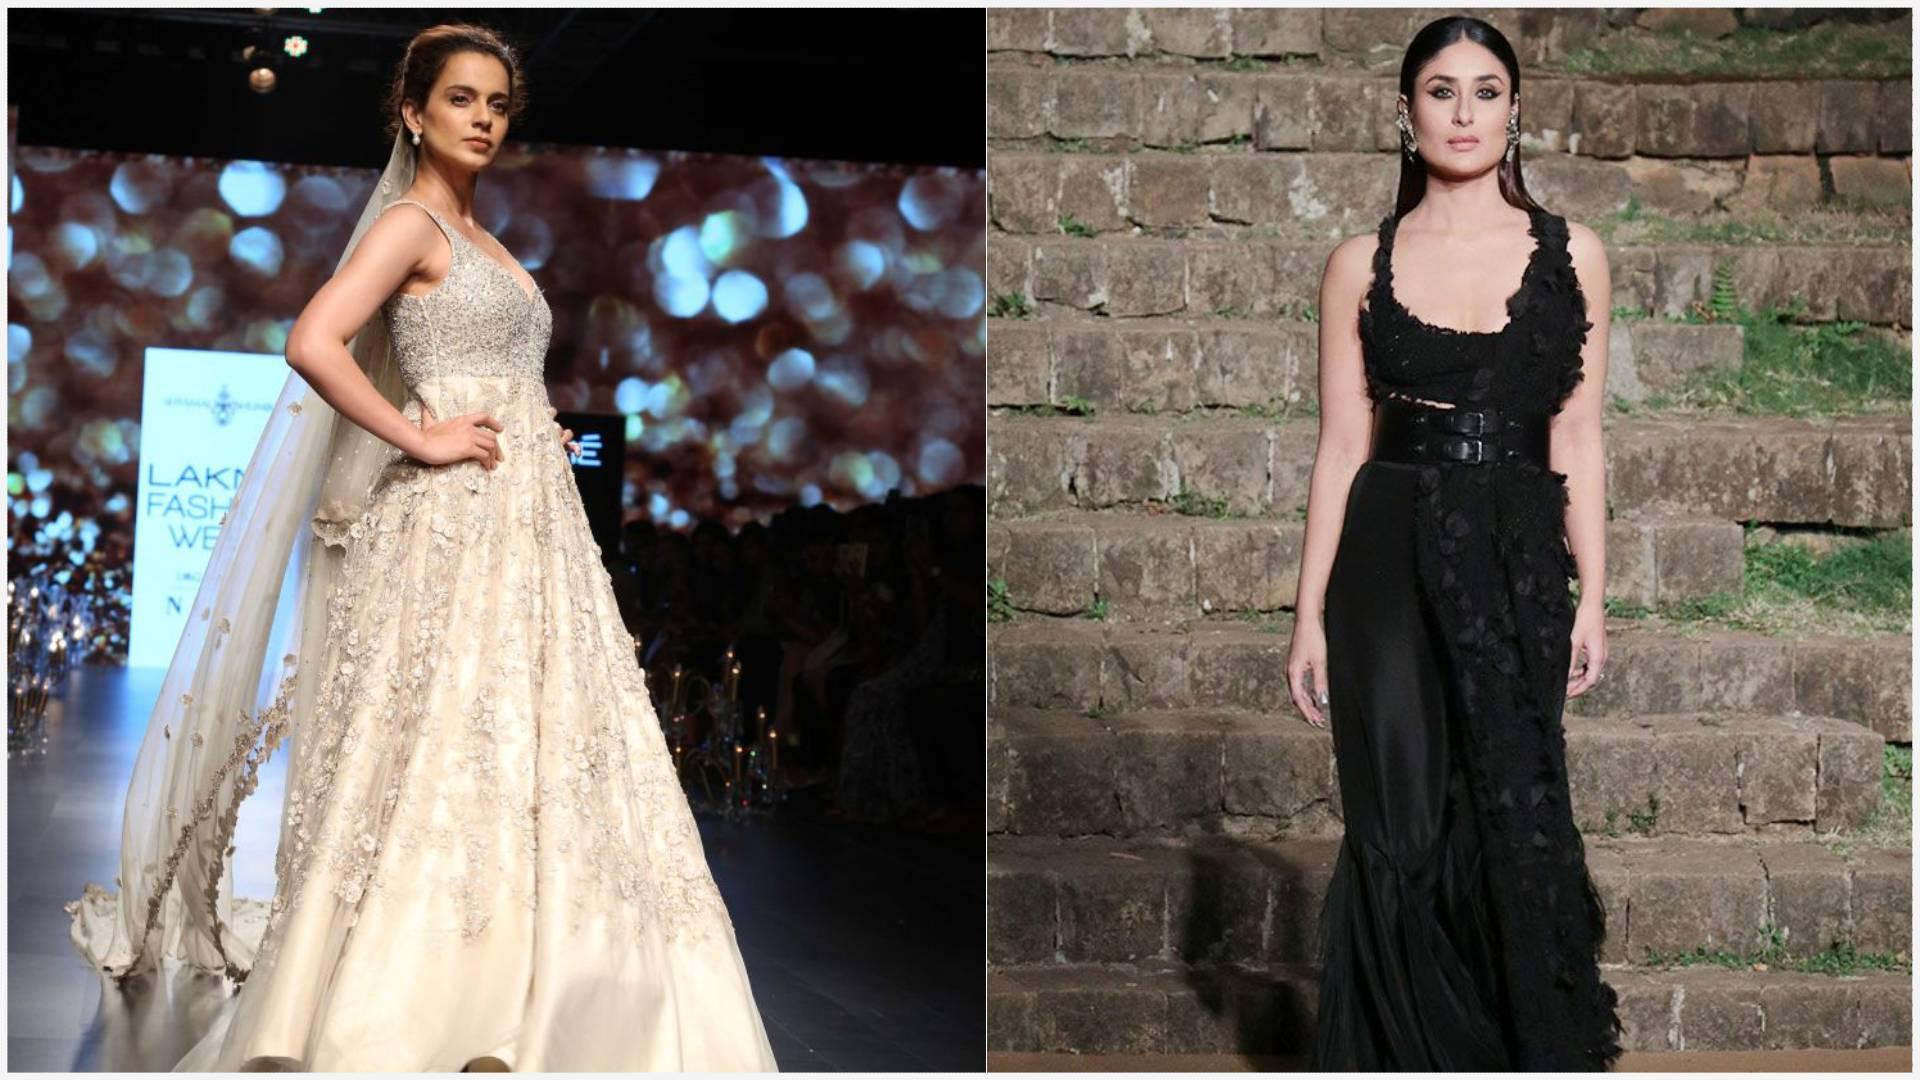 Lakme Fashion Week 2018: करीना कपूर से लेकर कंगना रनौत तक, जानिए बॉलीवुड सितारों ने कैसे बिखेरा था जलवा